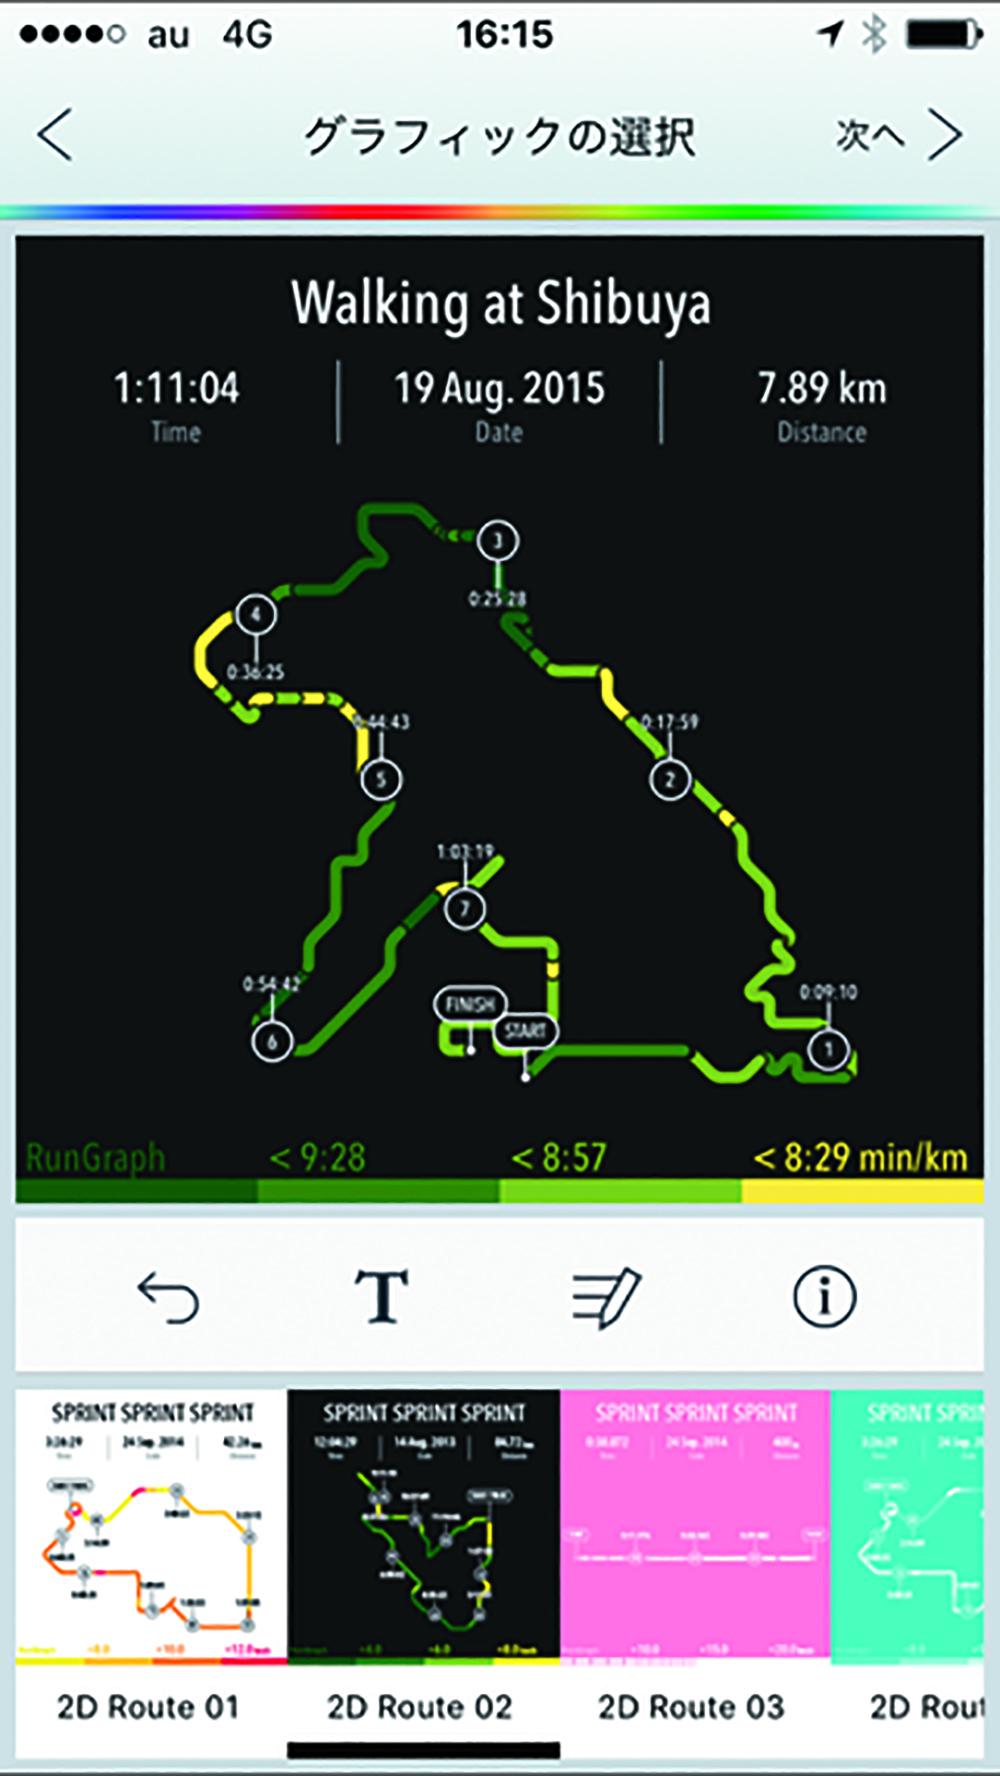 RunGraph ウォーキング・ランニングGPSグラフィックDESIGN